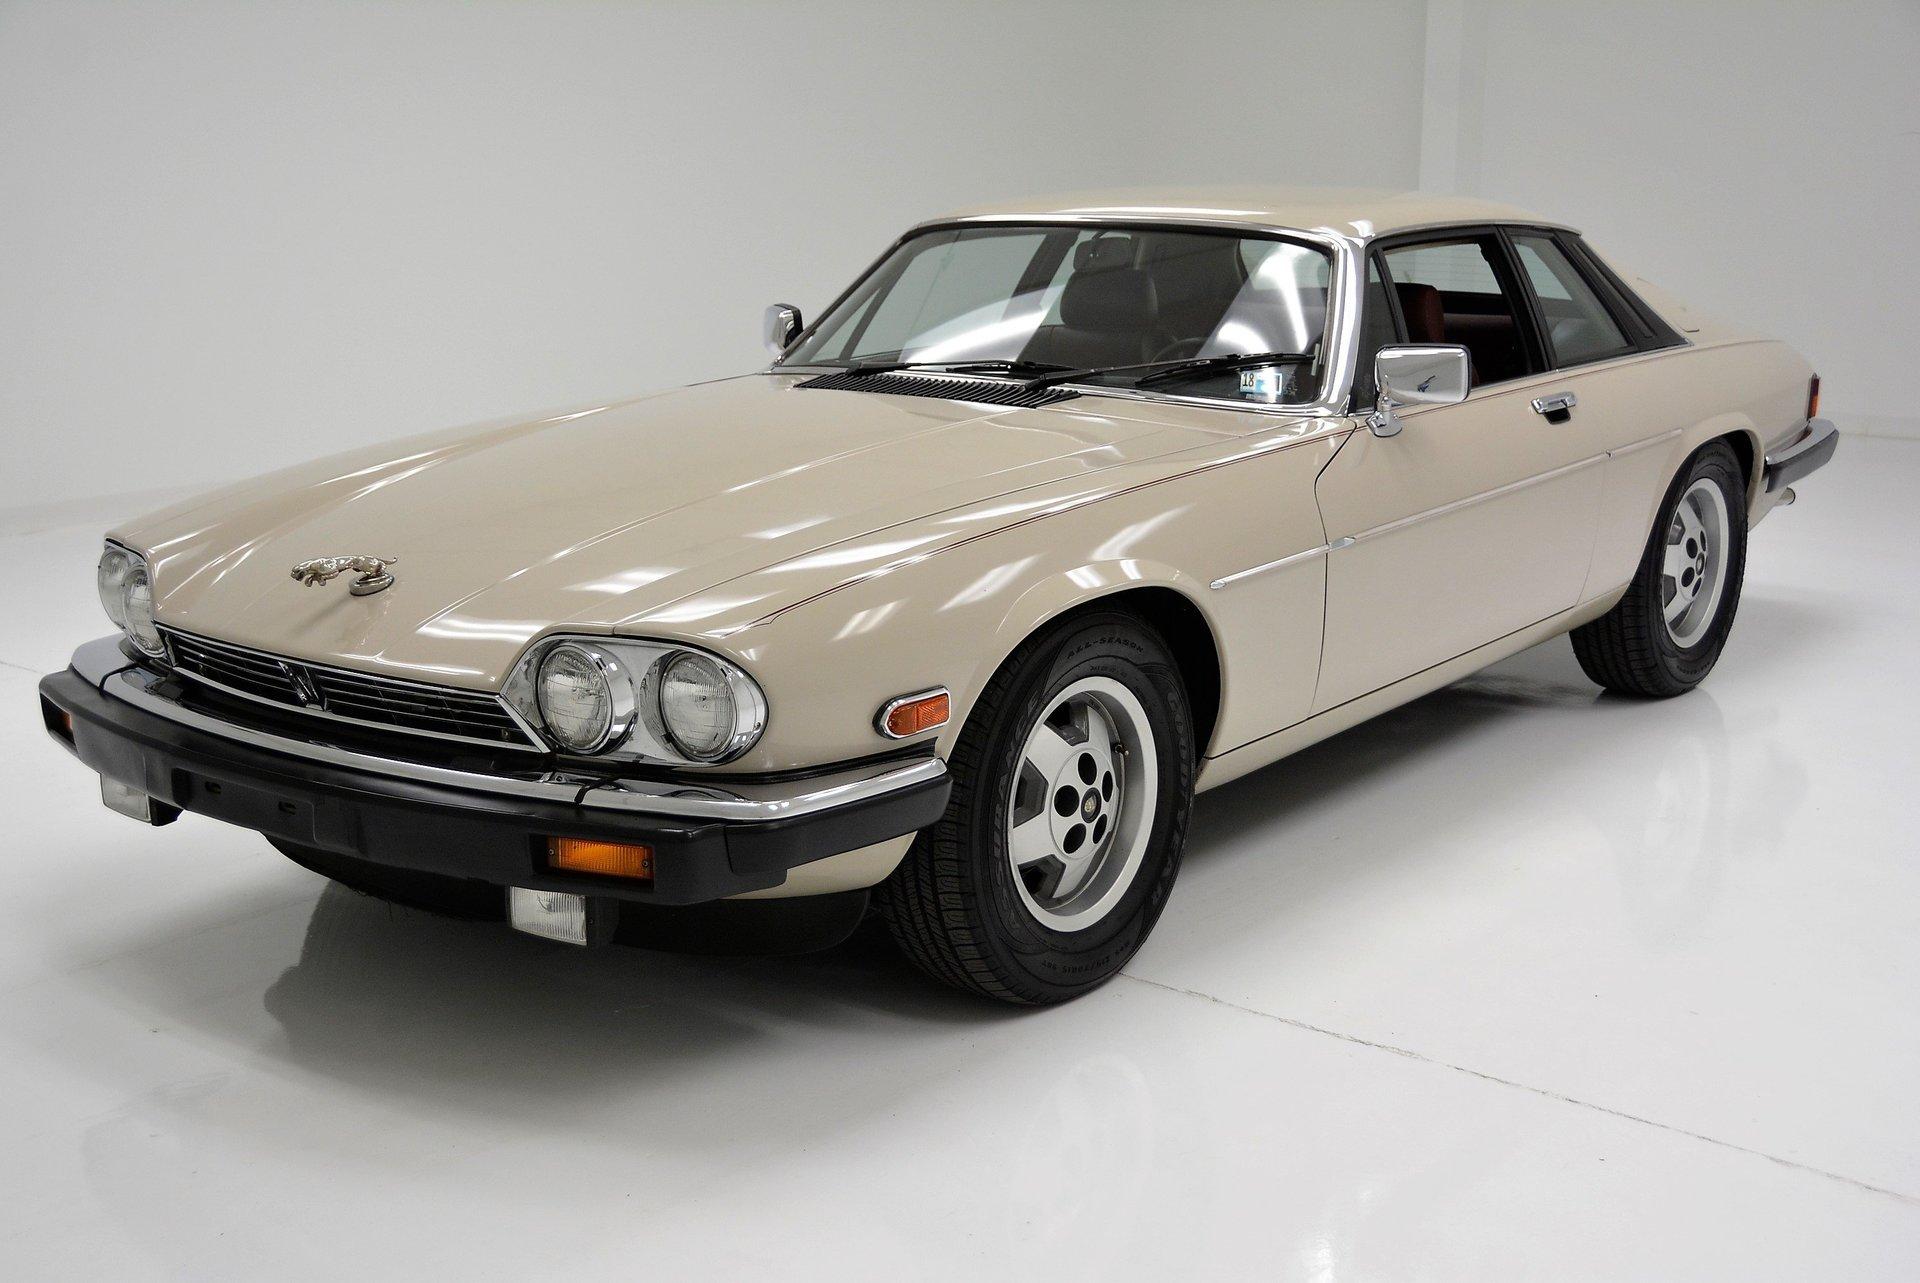 1985 Jaguar XJS HE Coupe for sale #86742 | MCG